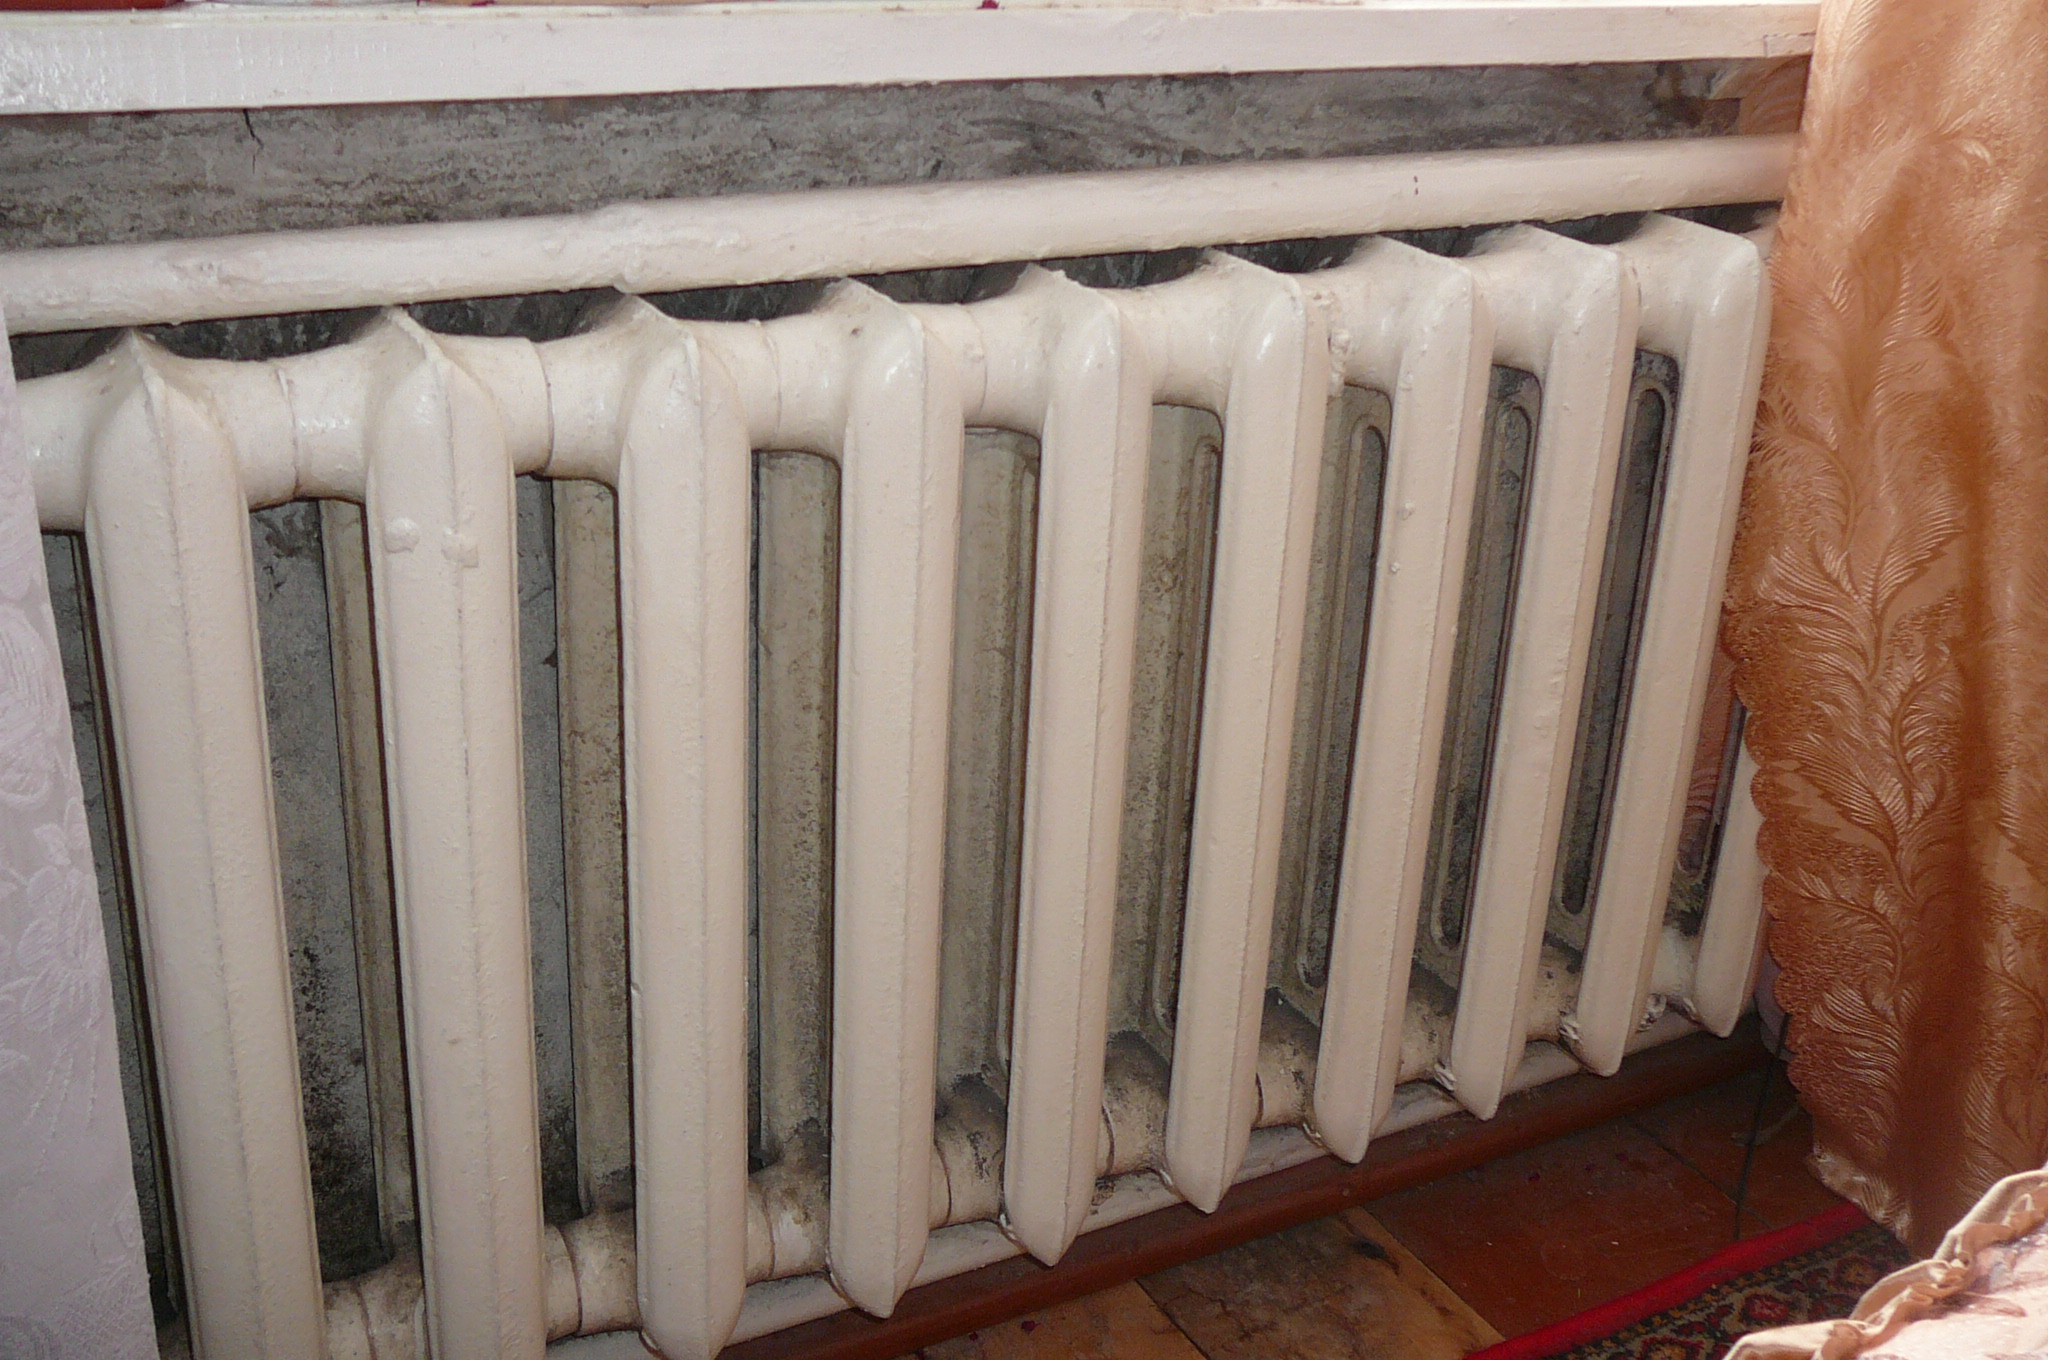 vodyanye-stalnye-radiatory-otopleniya